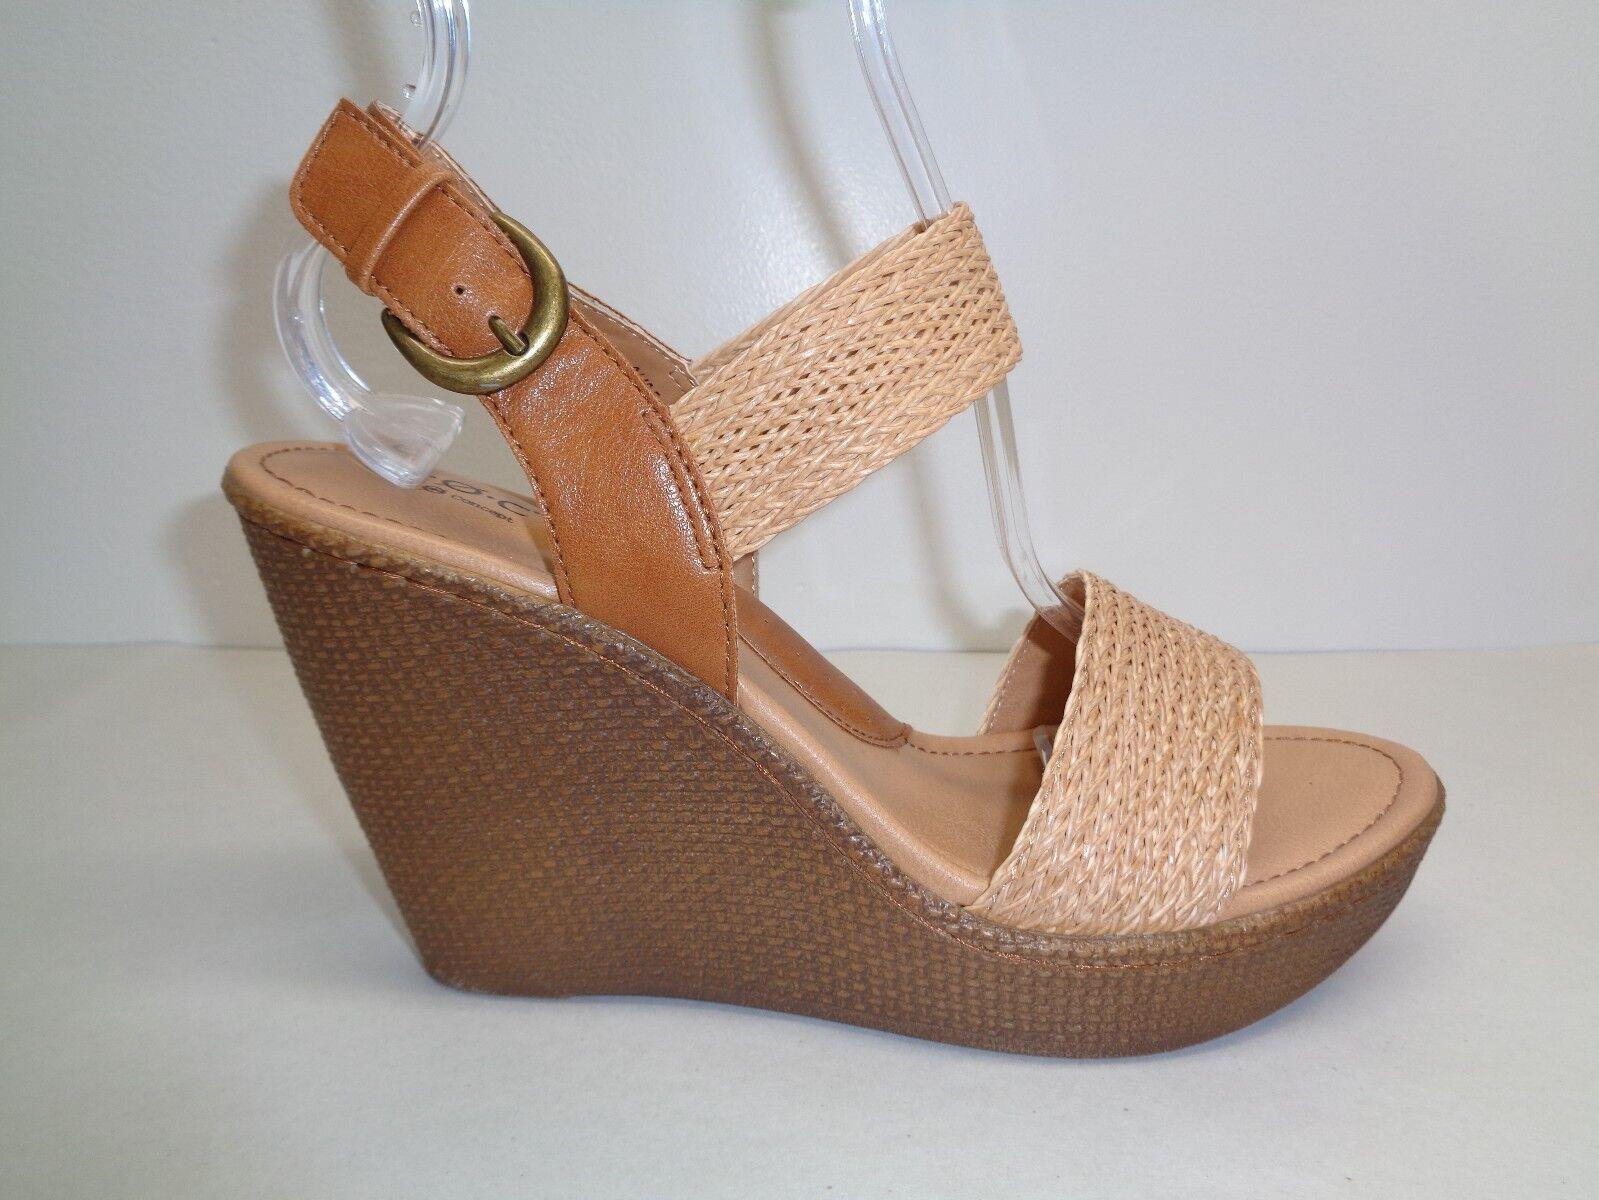 Nacido M Elisabeta tan Cuña Tacón Sandalias De Plataforma Nuevos Zapatos para mujer